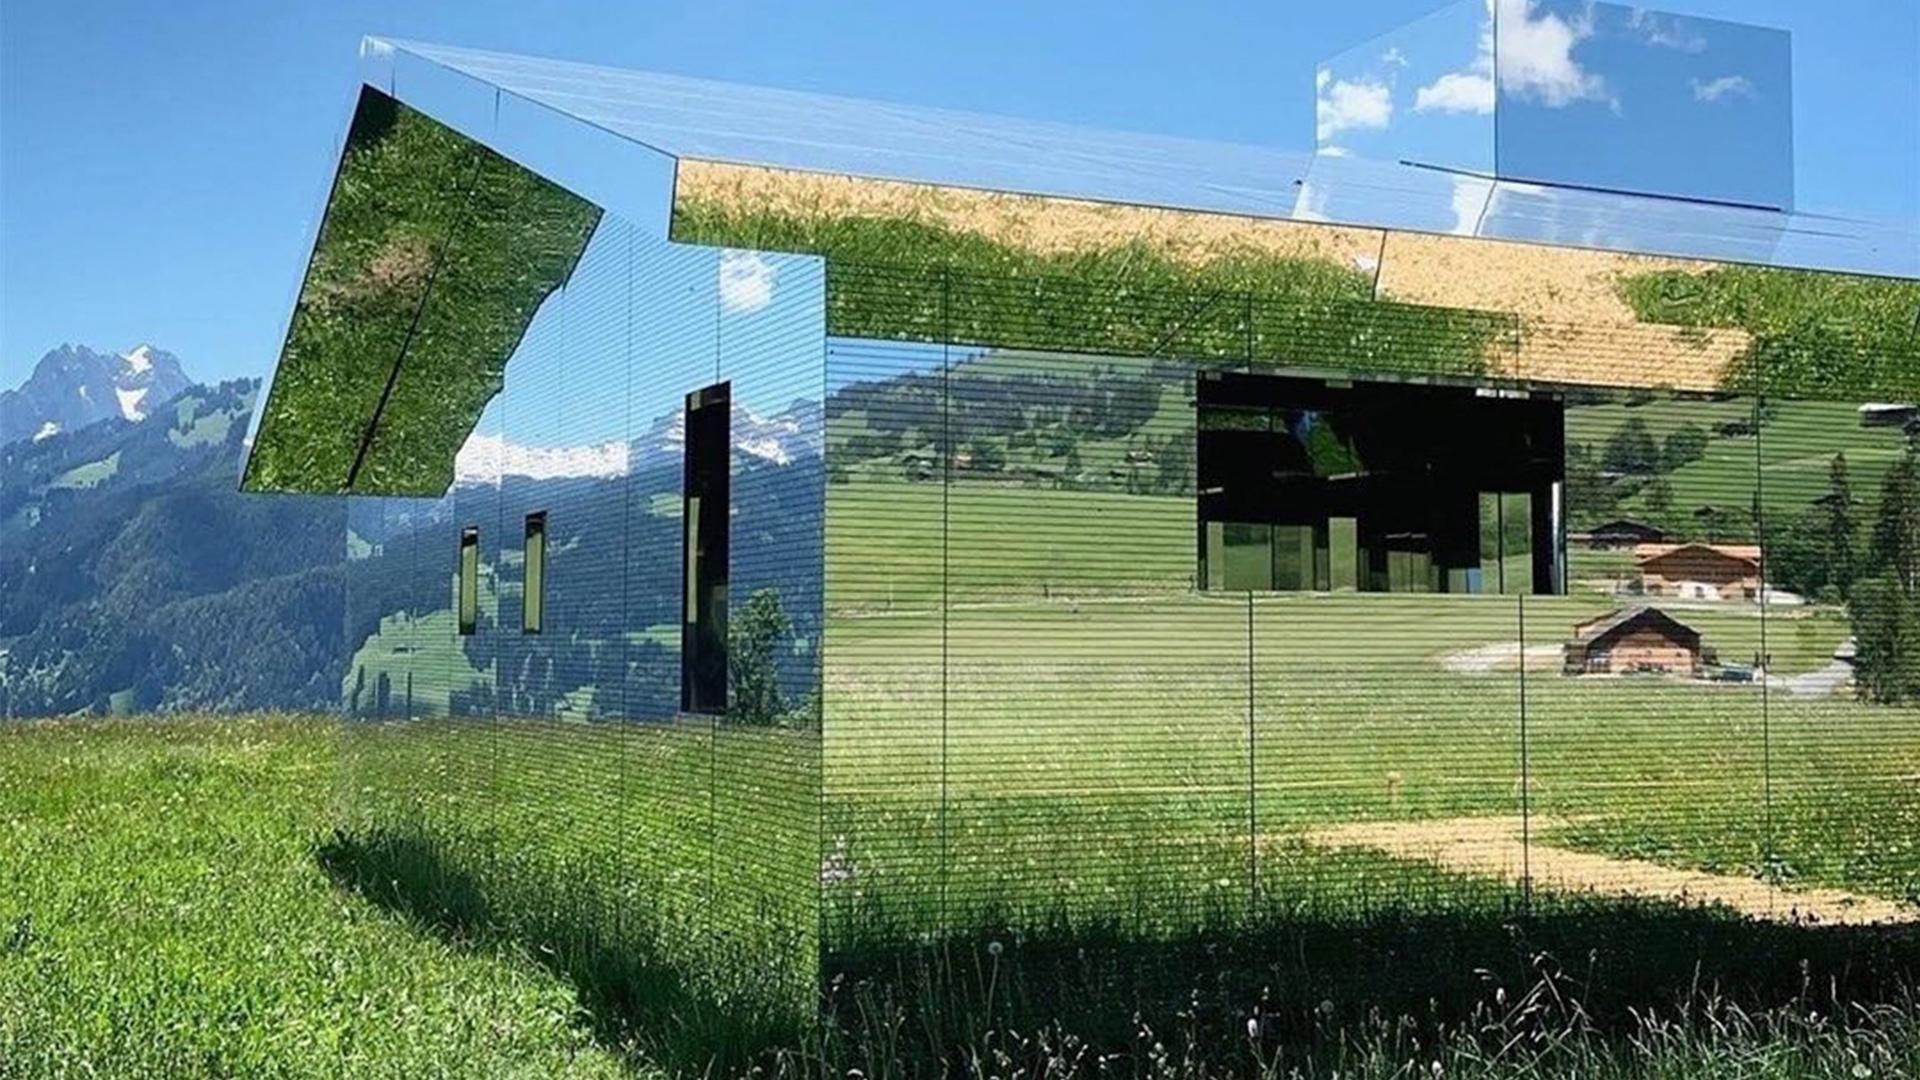 Artistas y creativos inspirados en la naturaleza